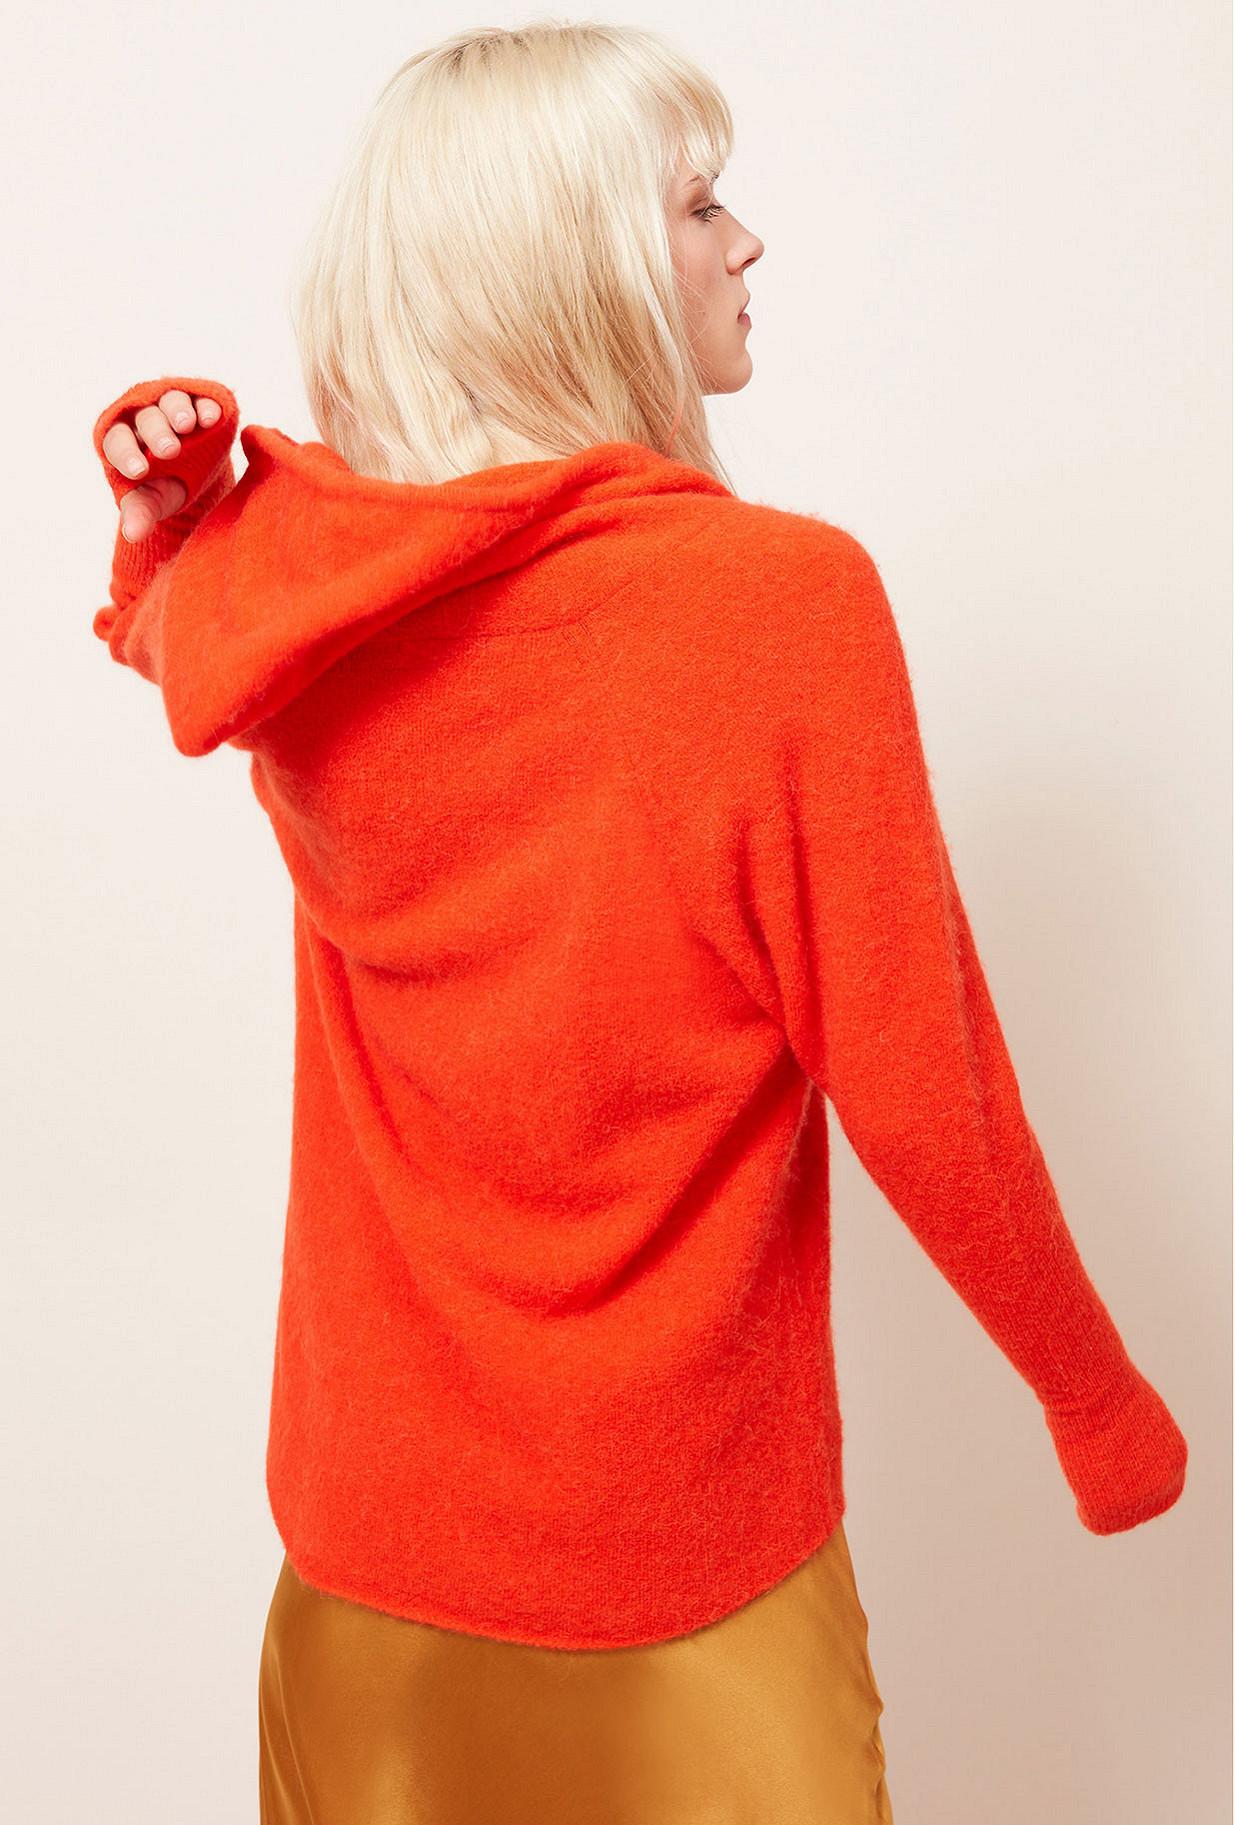 Coral Sweater Pichu Mes Demoiselles Paris